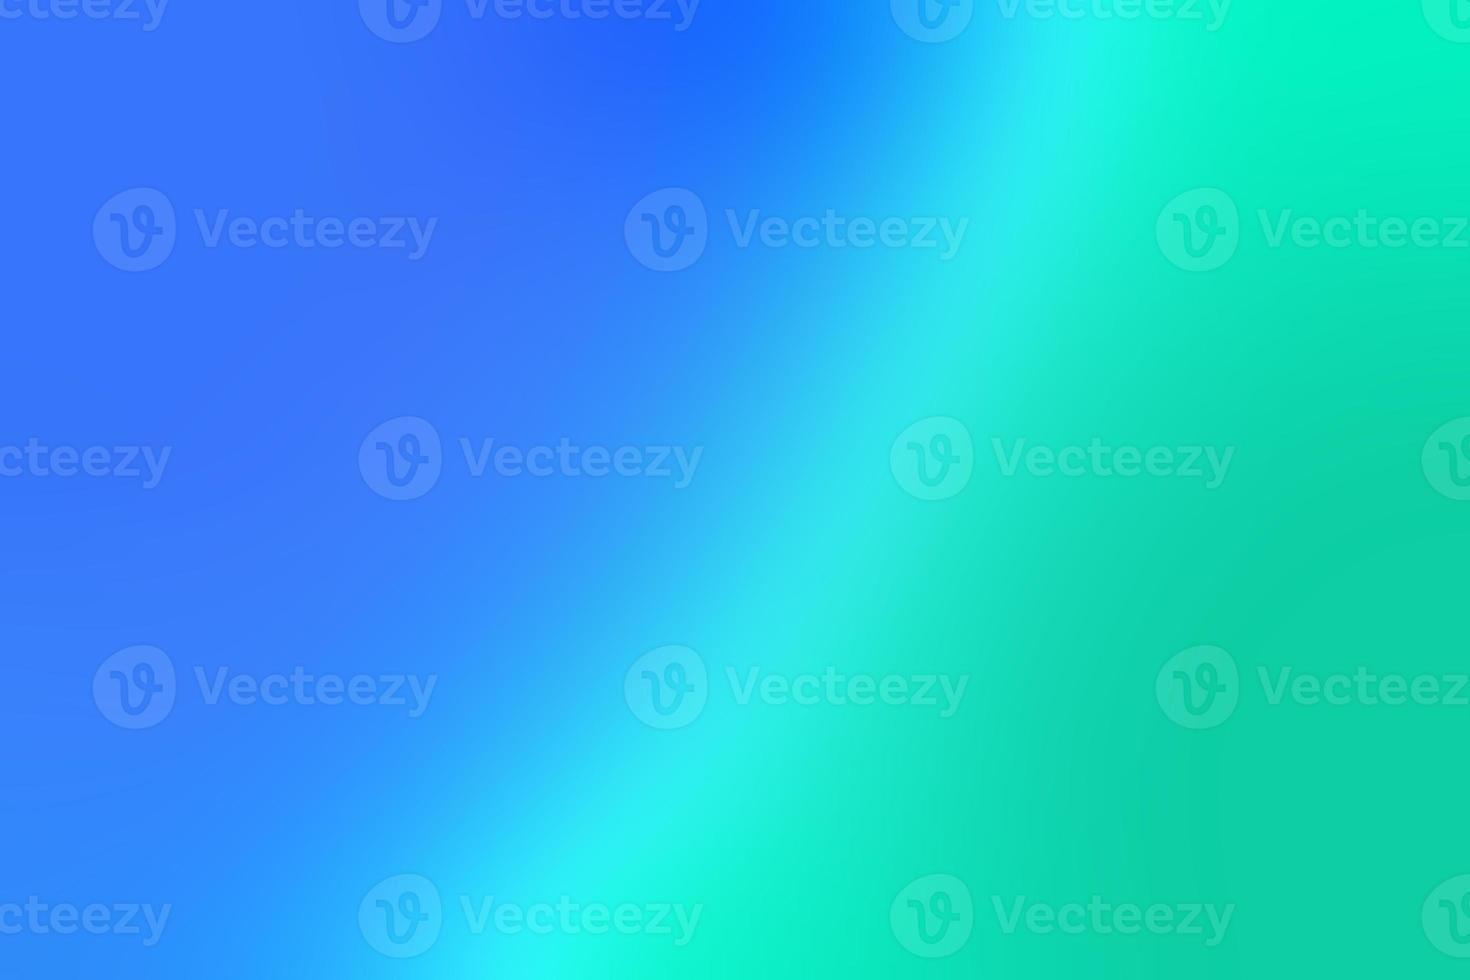 satte blaue Farben Farbverlauf zu Grün foto